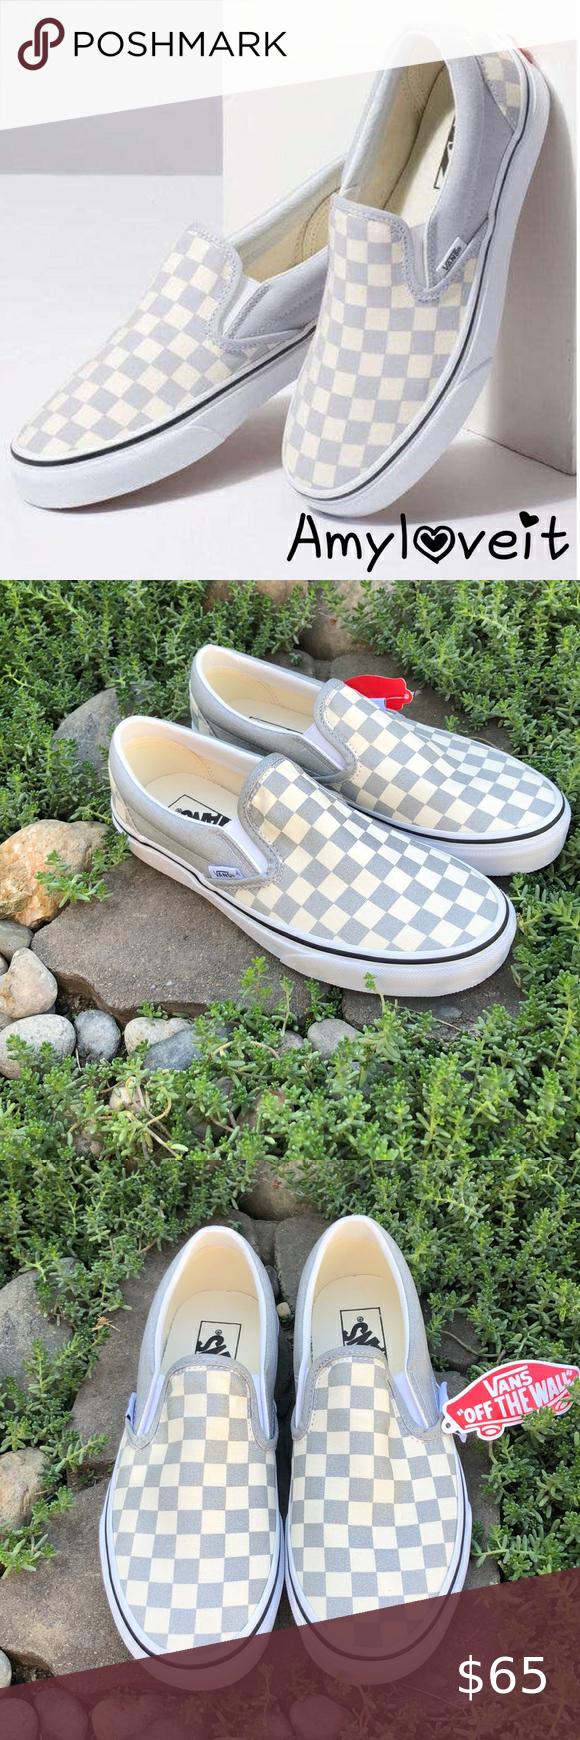 Vans classic slip on, Metallic shoes, Vans